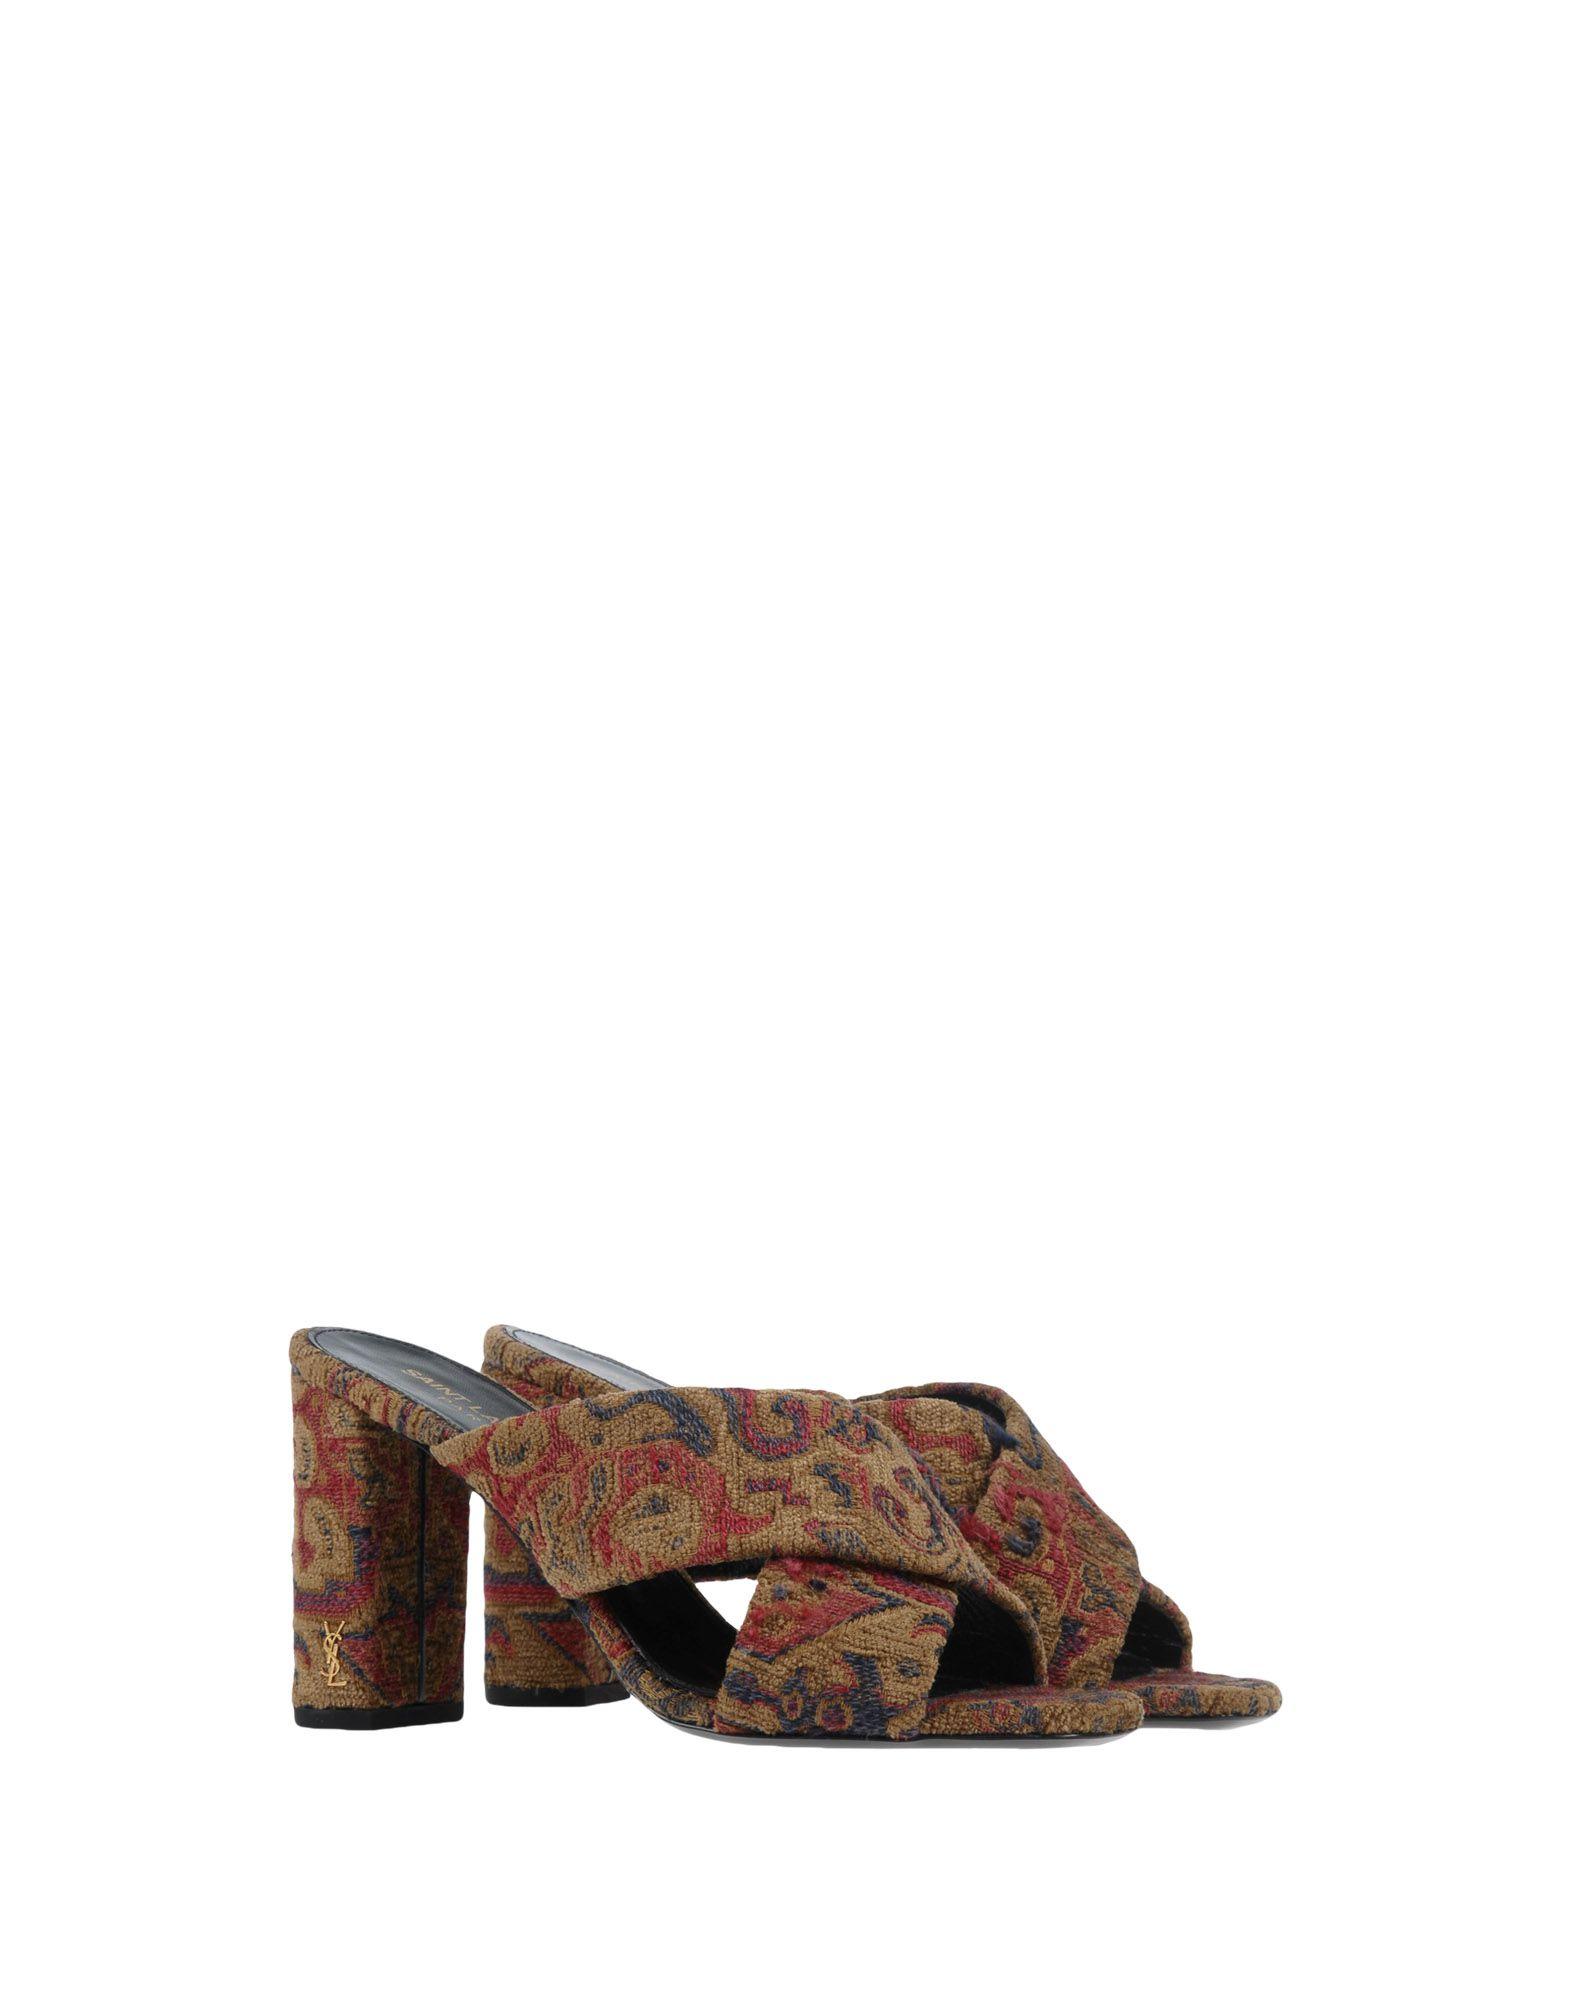 Rabatt Schuhe Saint Laurent Sandalen 11422934WR Damen  11422934WR Sandalen 0623e1